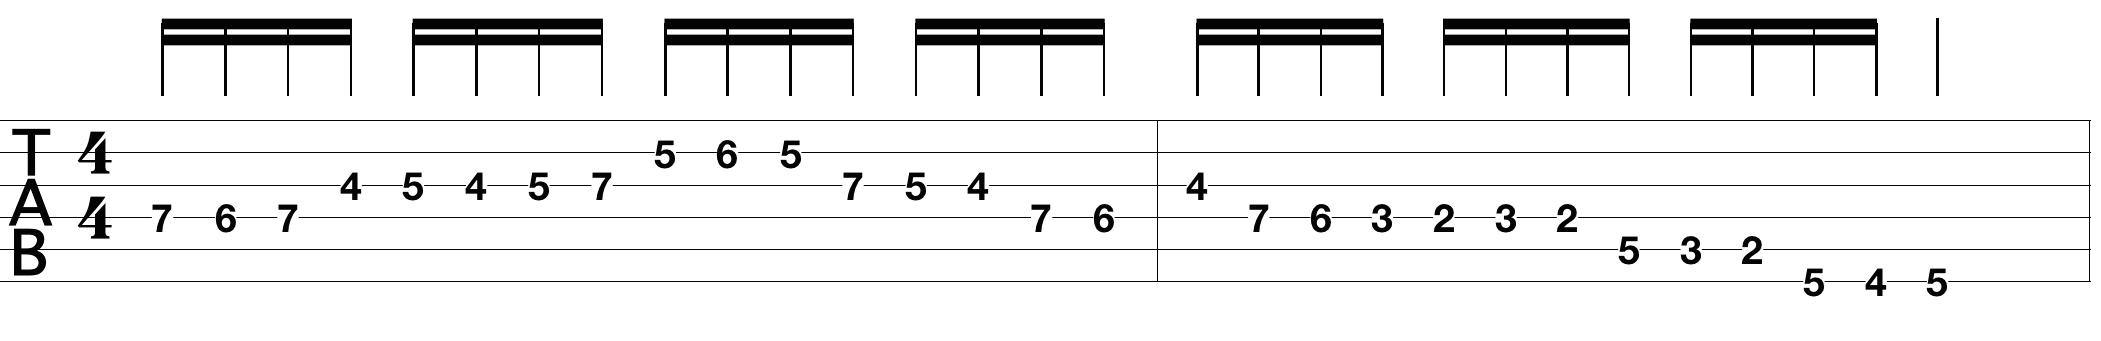 neoclassical-guitar-licks_1.png